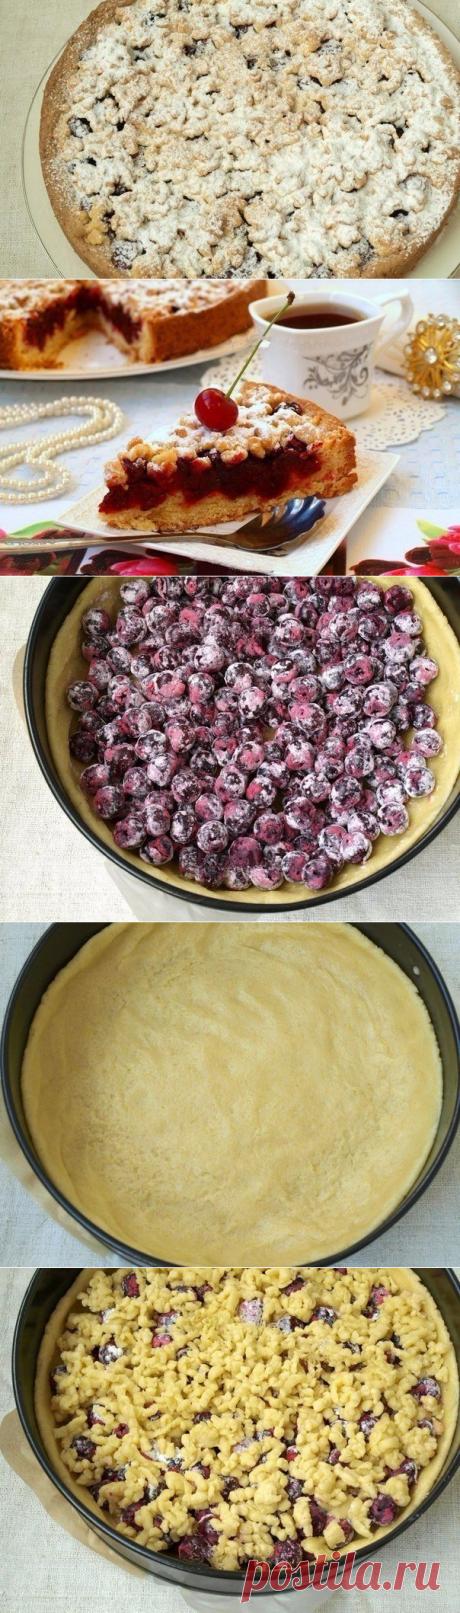 Для домашнего чаепития: песочный пирог с вишней — Едим дома